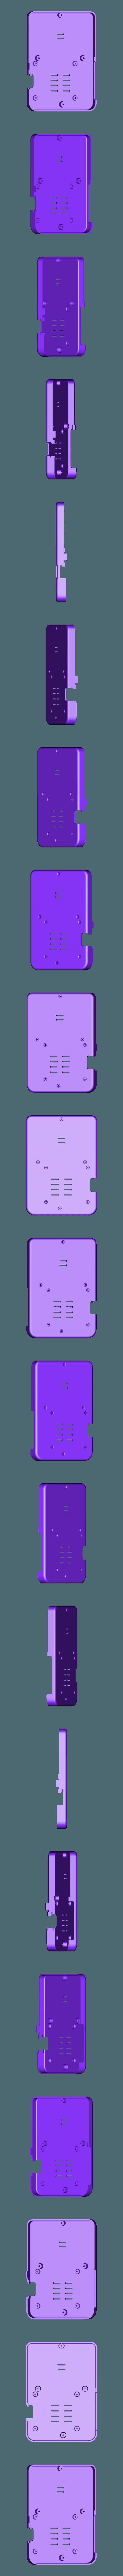 back.stl Télécharger fichier STL gratuit kim-Pi R cas • Modèle pour impression 3D, kimjh